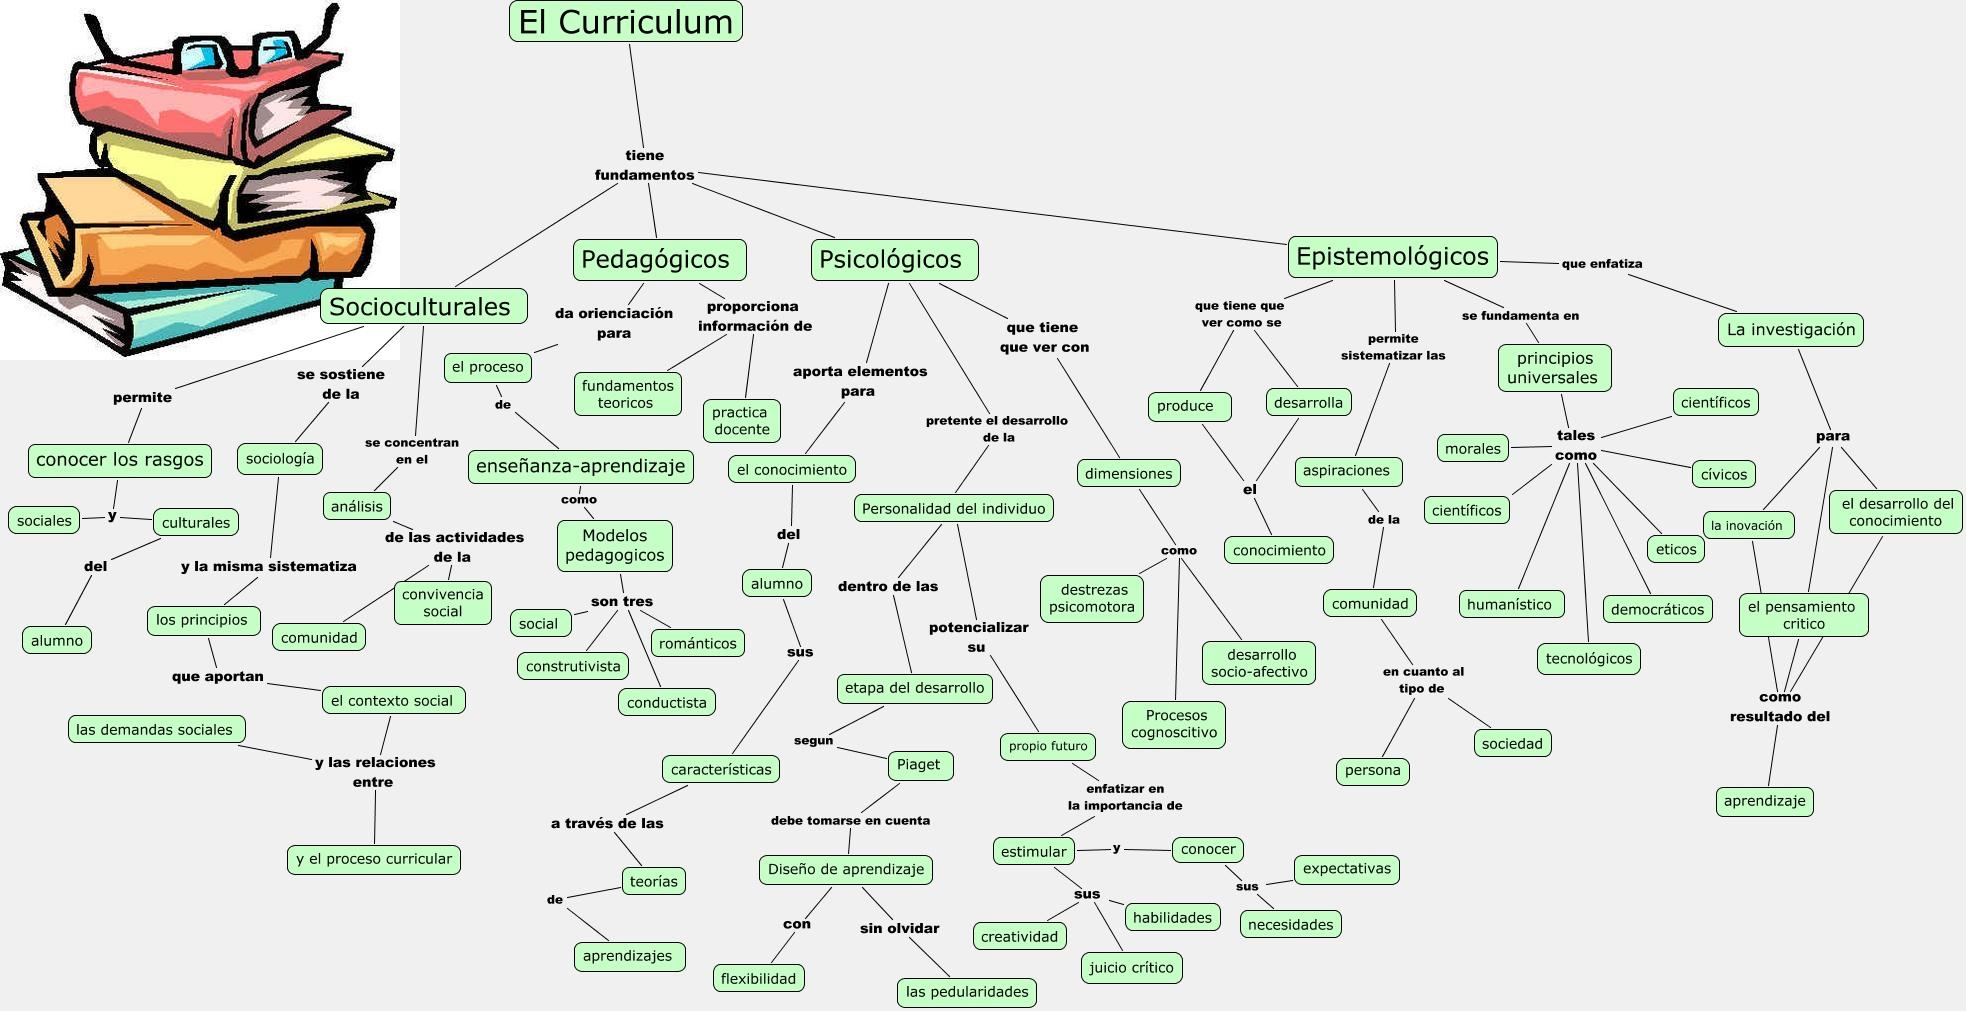 Fundamentos del curriculum